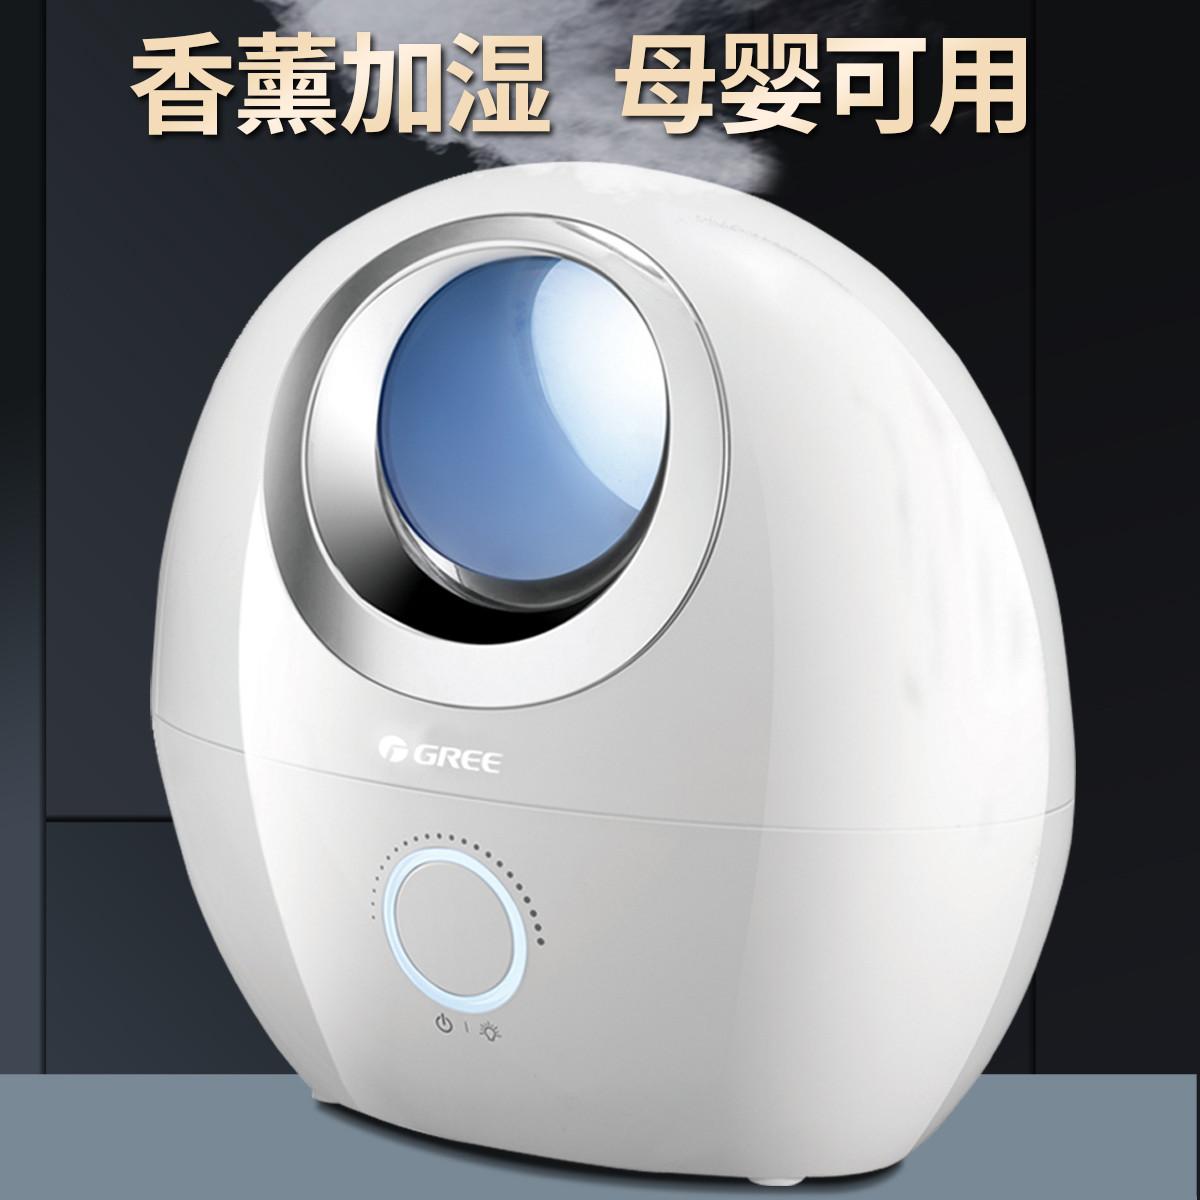 格力格力SC-2002-WG加湿器家用孕妇静音办公室迷你增湿器SC-2002-WG